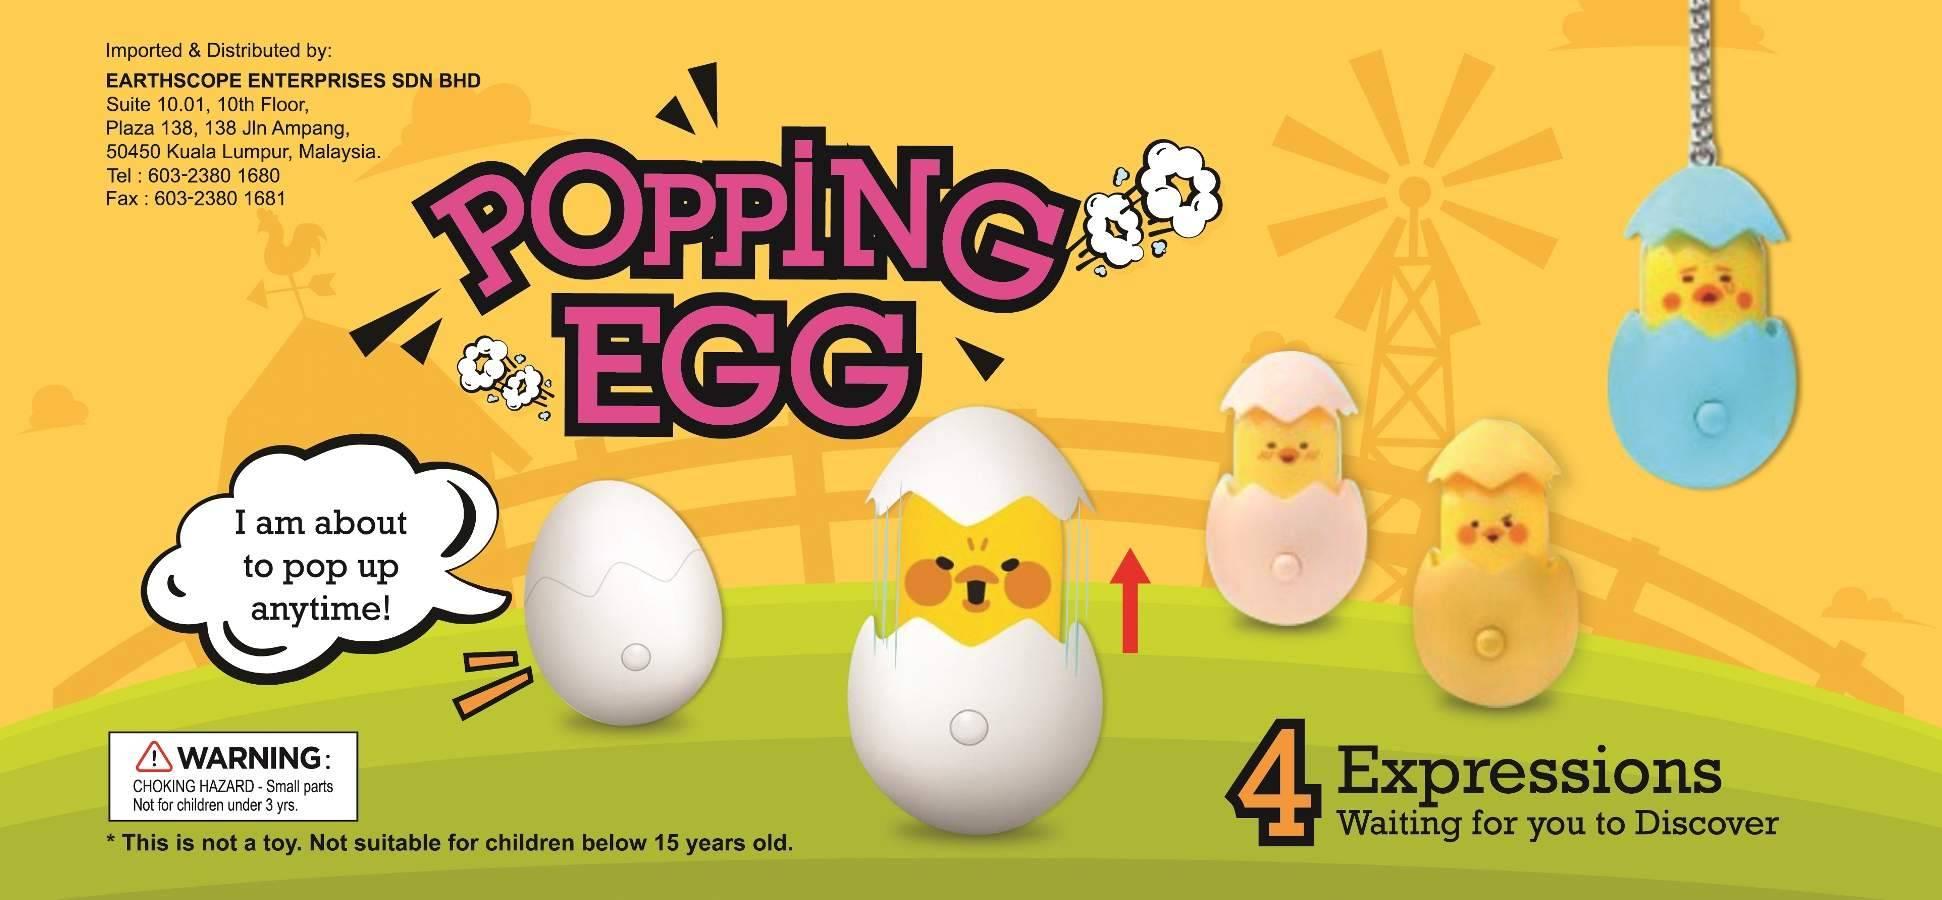 Popping Egg